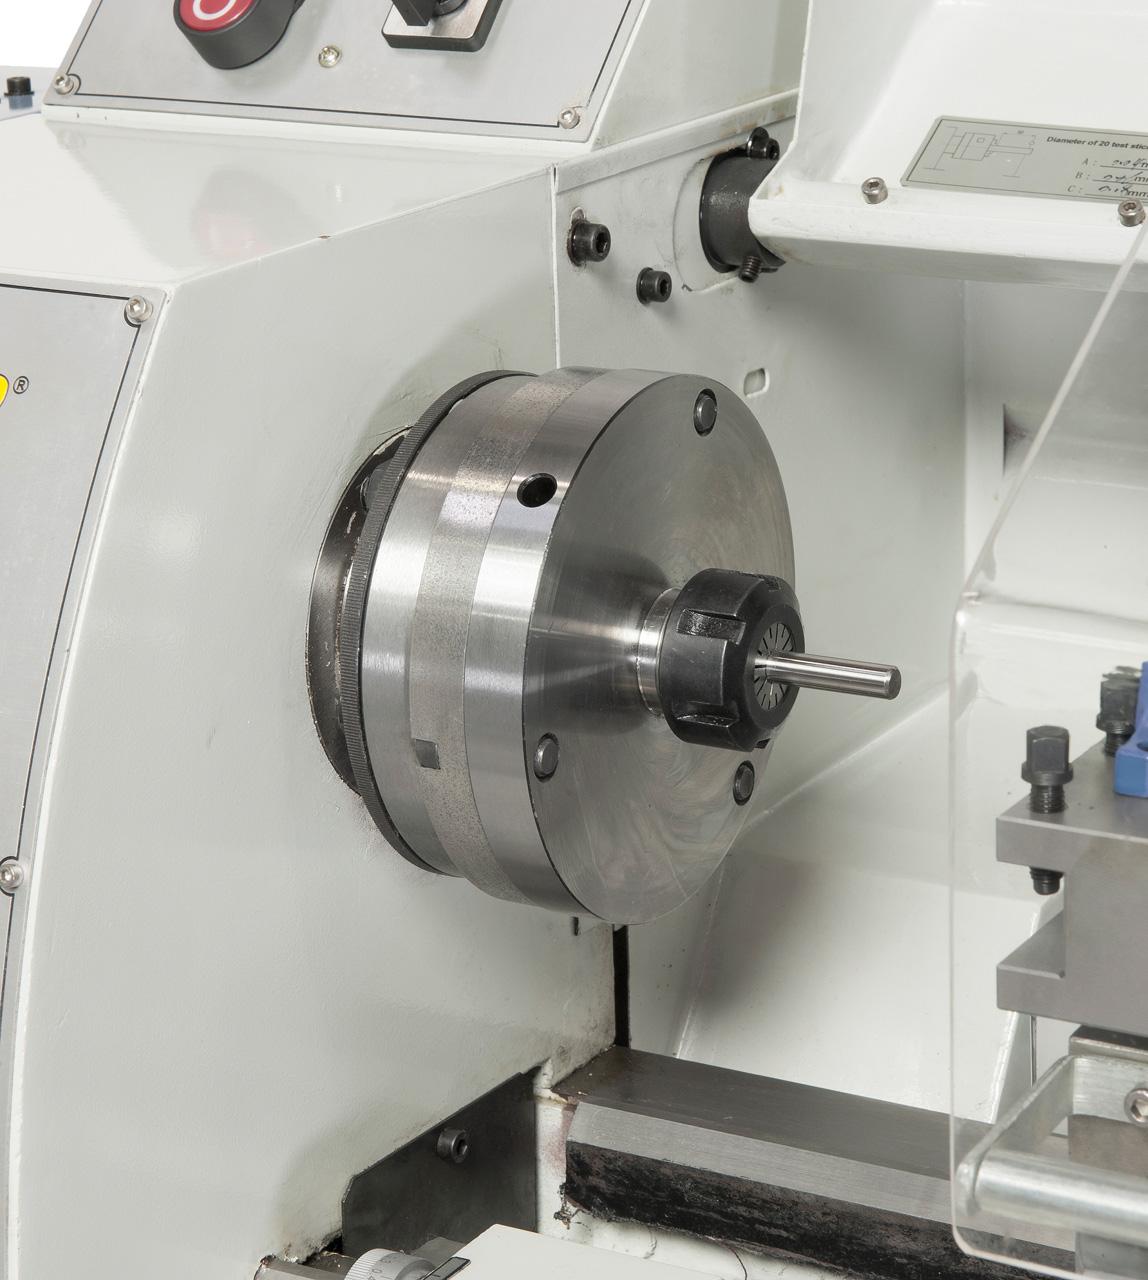 Das Spannzangenfutter ER 25 gewährleistet eine hohe Rundlaufgenauigkeit beim Spannen von Werkstücken, Spannbereich 1 - 16 mm.